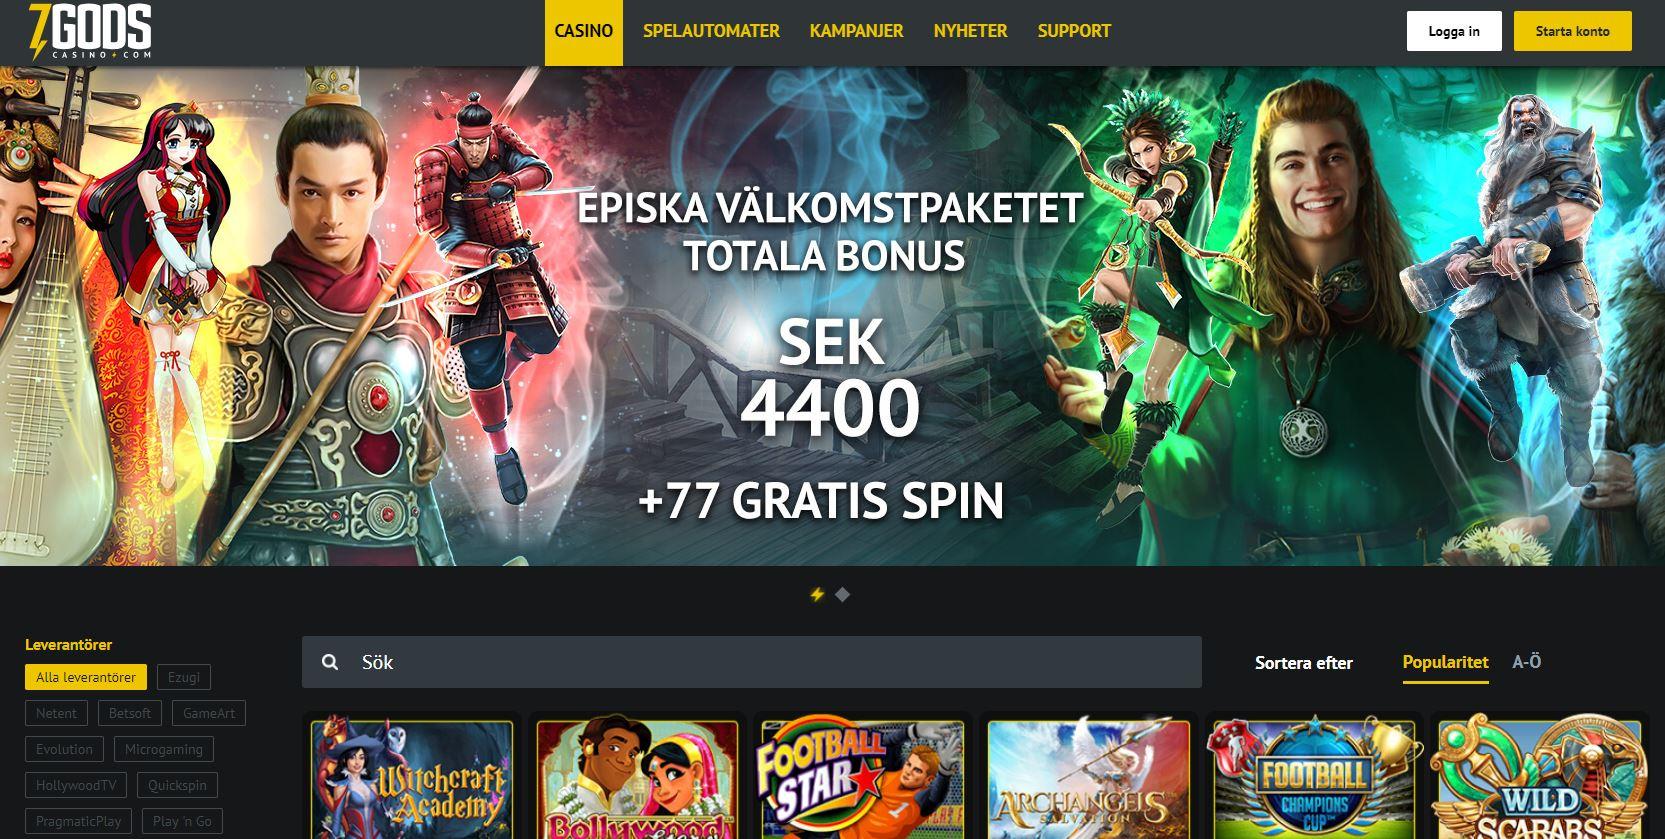 Lotteriinspektionen bästa casino - 51736